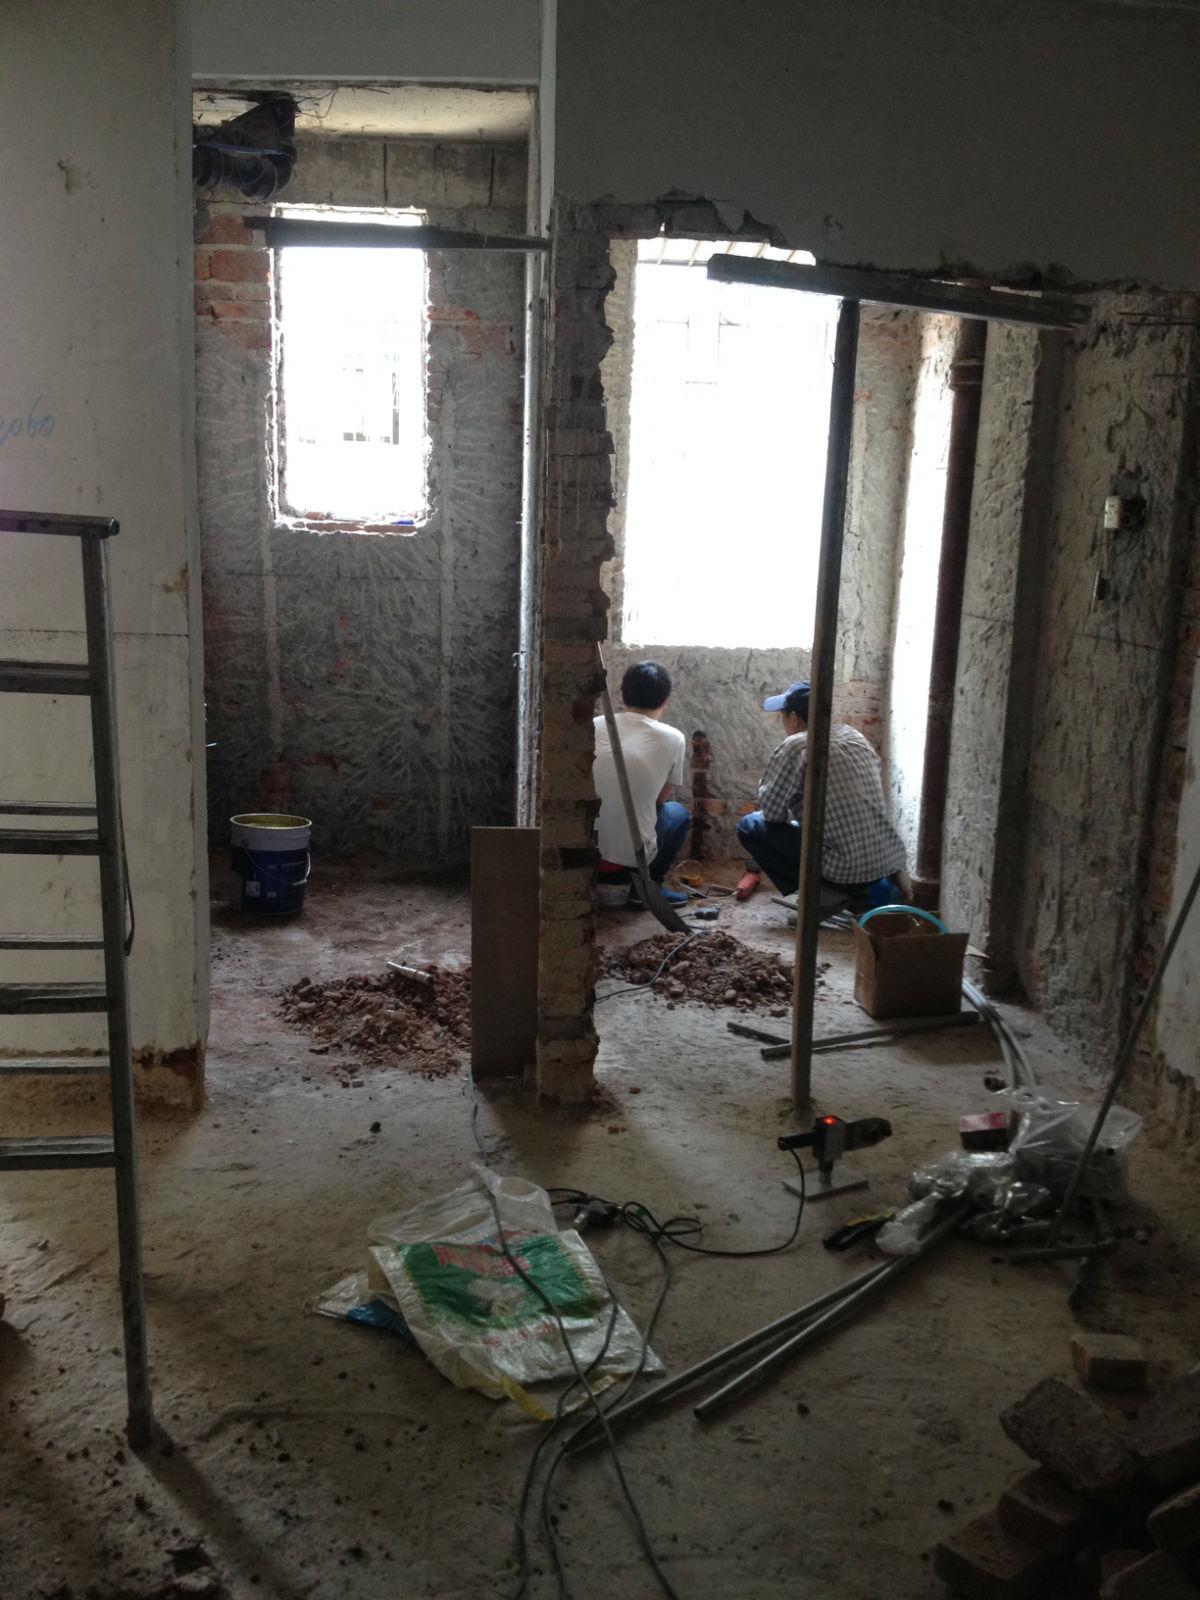 罗湖红岗花园旧房翻新装修过程记录.欢迎多提建议